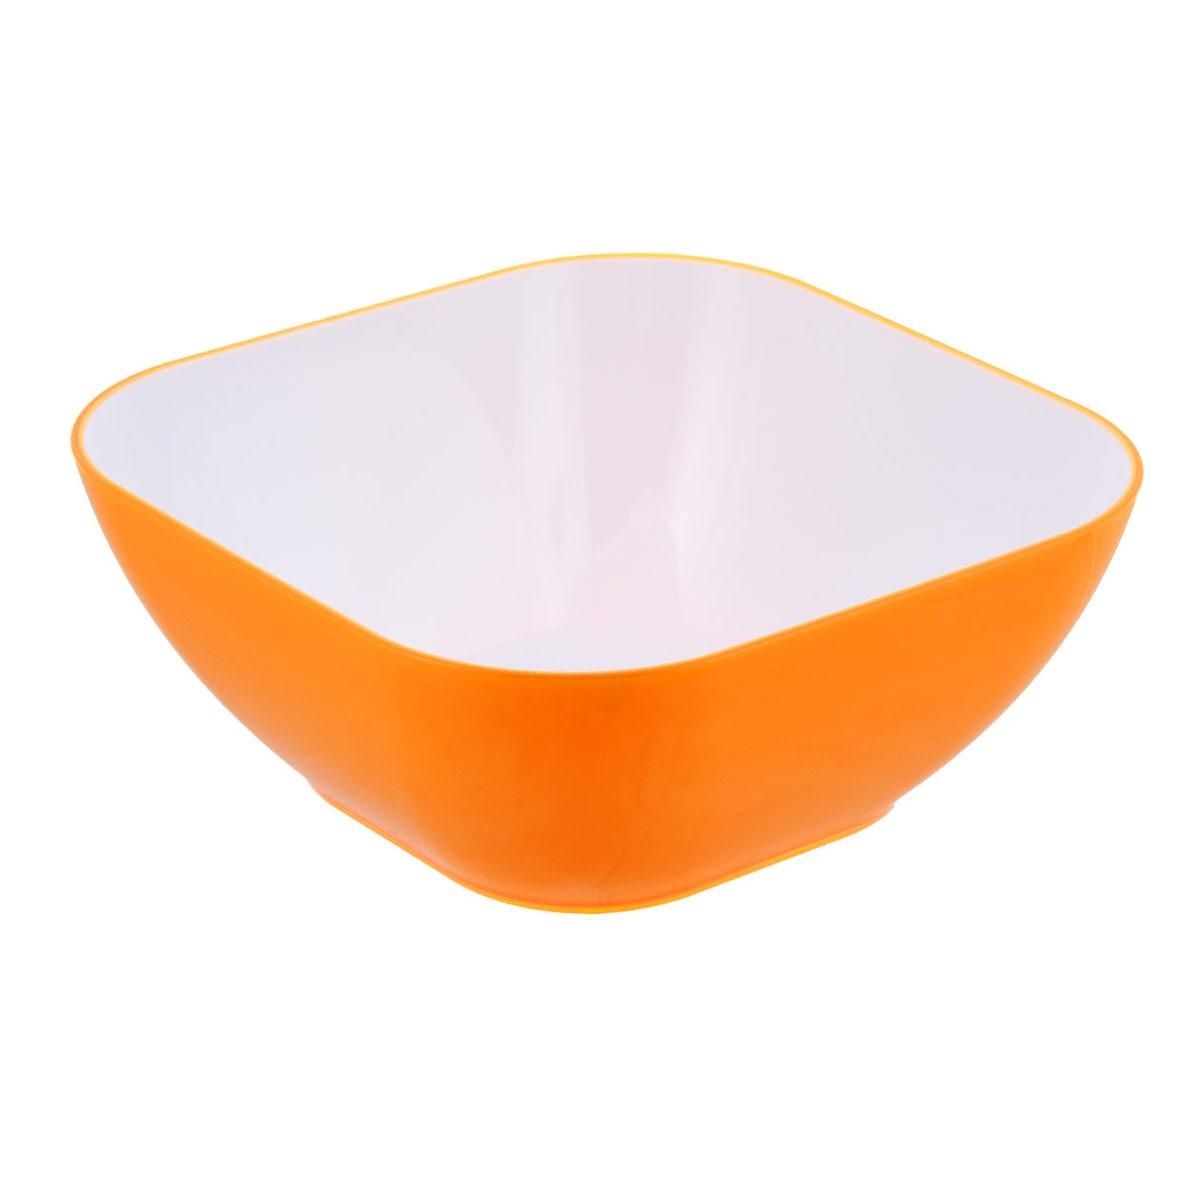 Пиала Bradex, цвет: оранжевый, 1,2 лTK 0133Пиала Bradex выполнена из цветного пищевого пластика, устойчивого к действию уксуса, спирта и масел. Пиала прочная и стойкая к царапинам. Благодаря высококачественным материалам она не впитывает запахи и не изменяет вкусовые качества пищи. Идеально подходит как для домашнего использования, так и для пикников.Яркий салатник создаст веселое летнее настроение за вашим столом, будь то домашний обед или завтрак на природе. Пиала настолько легка в уходе, что не отнимет у вас ни секунды лишнего времени, отведенного на послеобеденный отдых. Стильный и функциональный дизайн, легко моется.Объем: 1,2 л.